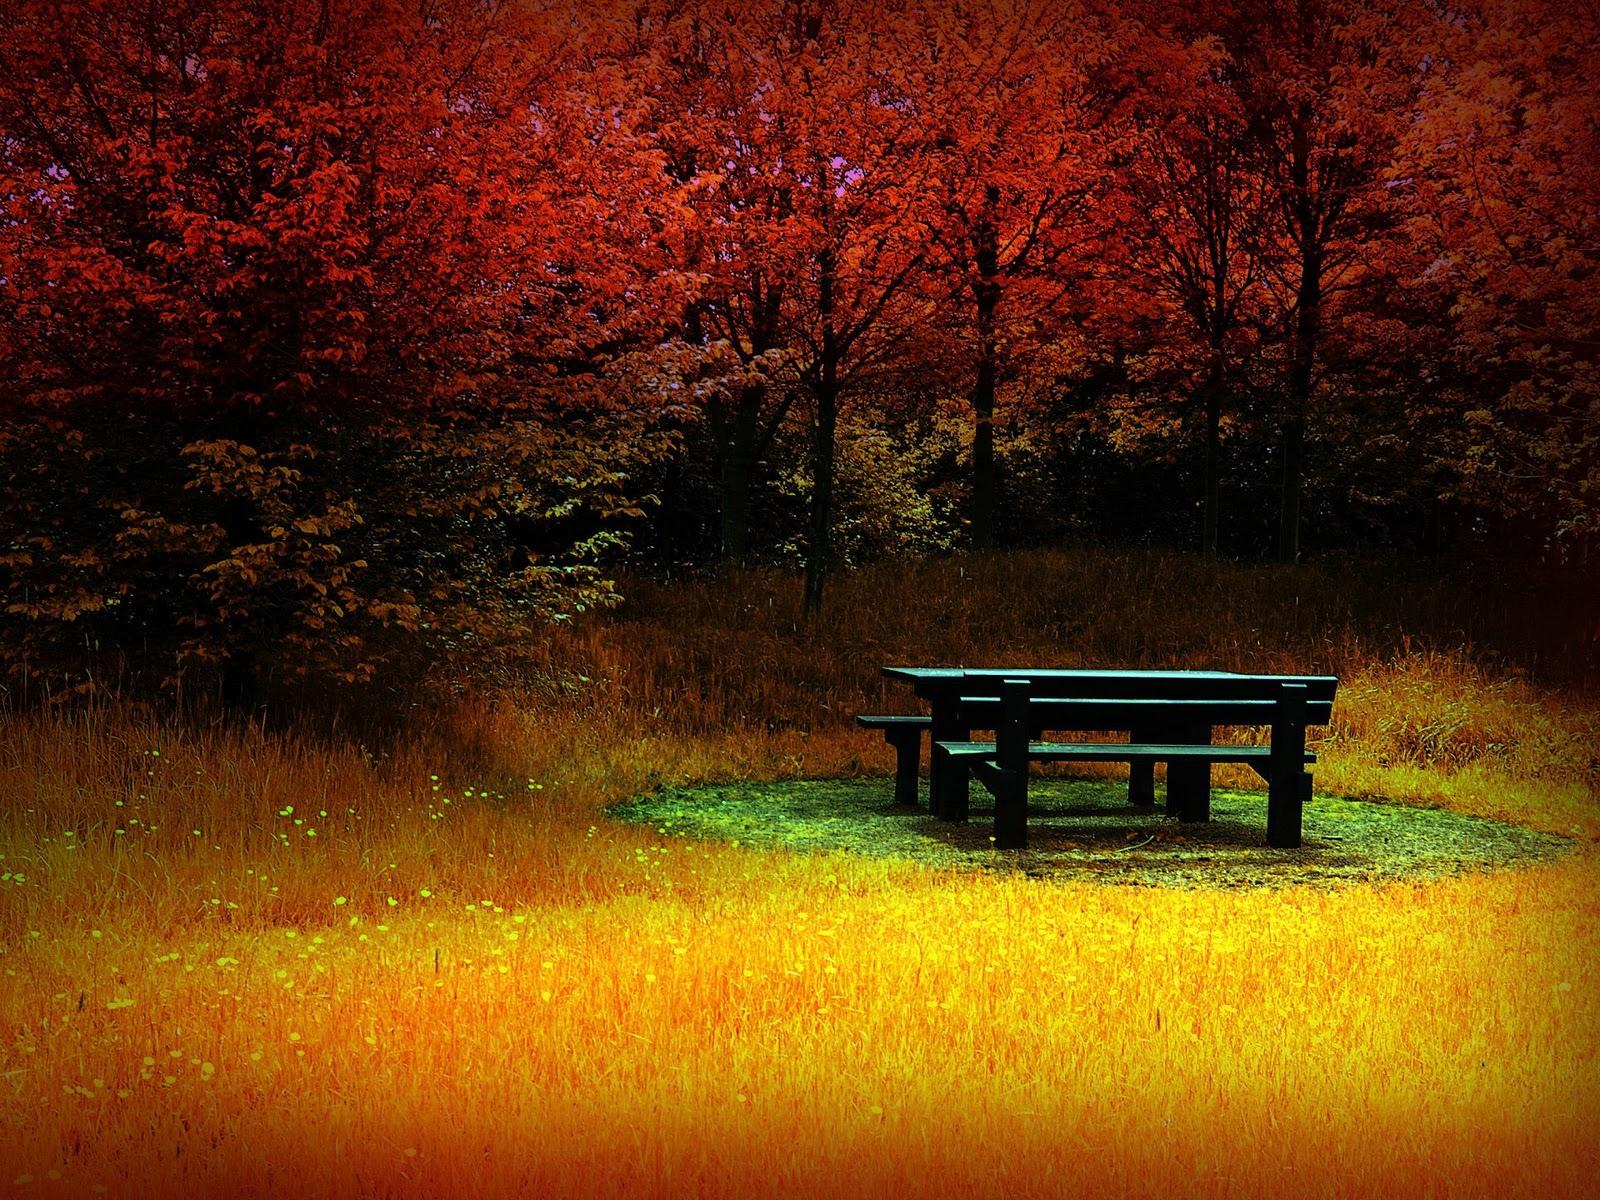 http://4.bp.blogspot.com/-AwZnjPHw70I/Tndi1MkQZ5I/AAAAAAAAG1U/k7z56OjV83Y/s1600/autumn+wallpaper2.jpg